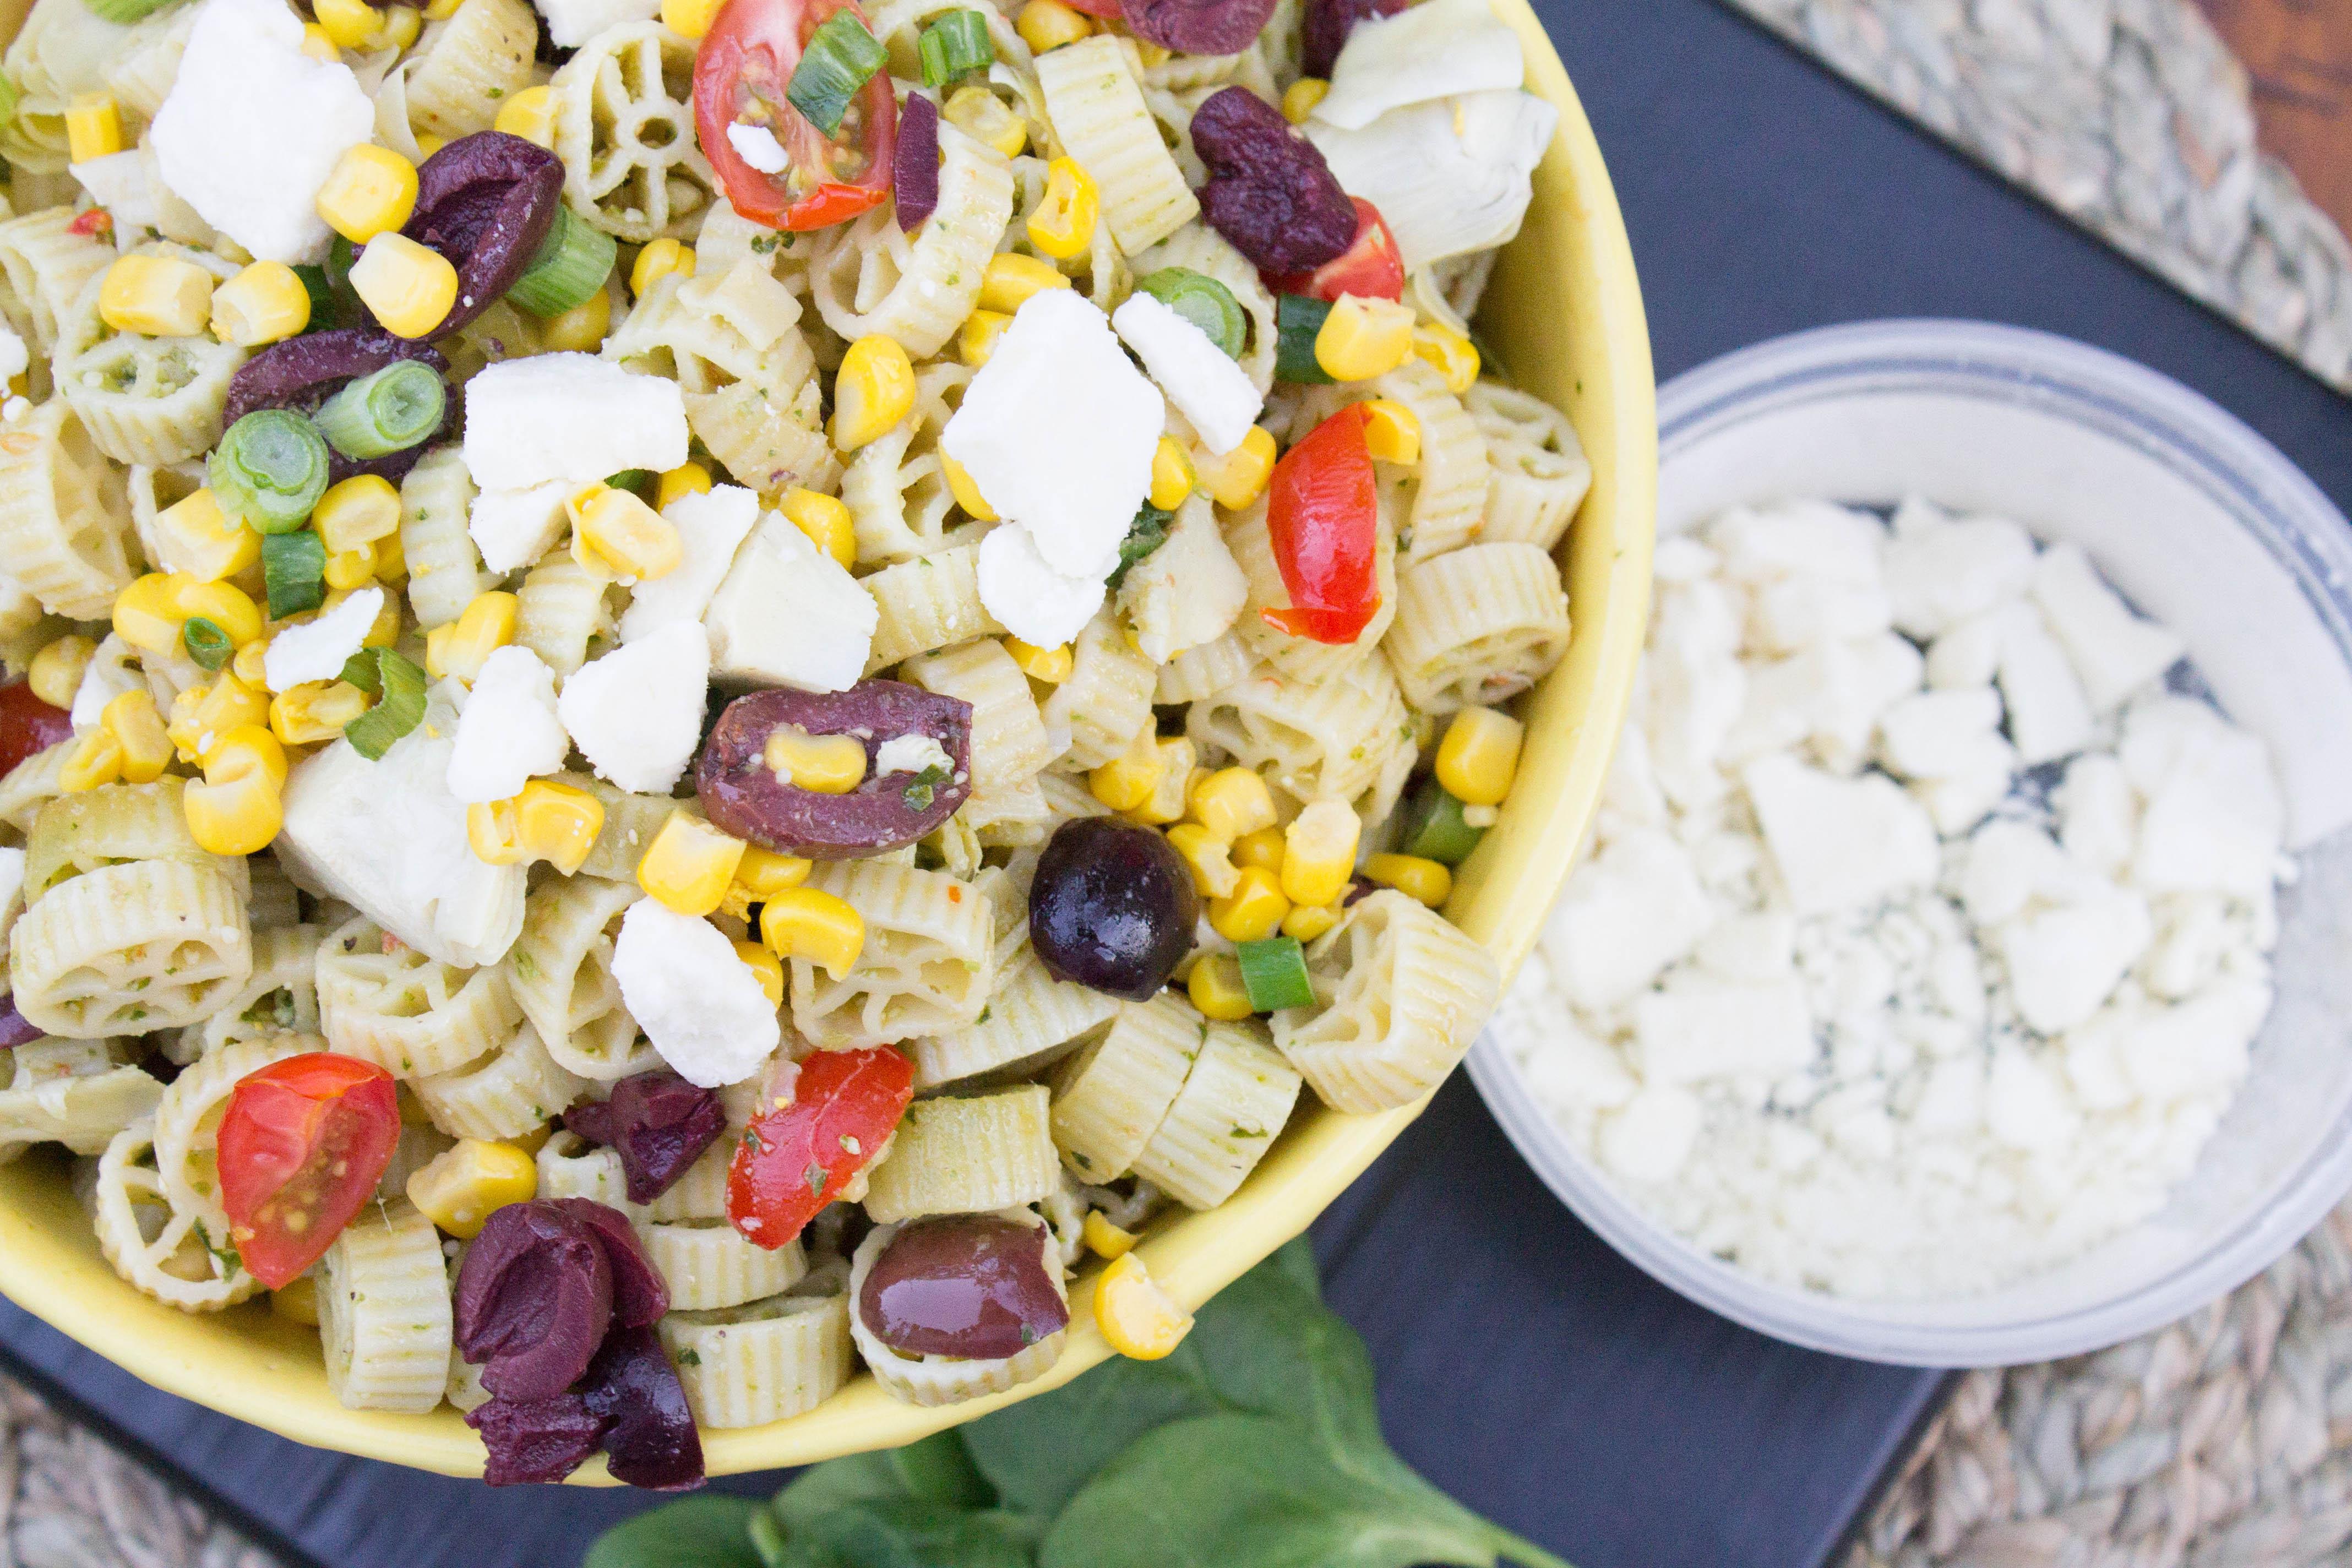 IMG_4770Pasta Salad close up